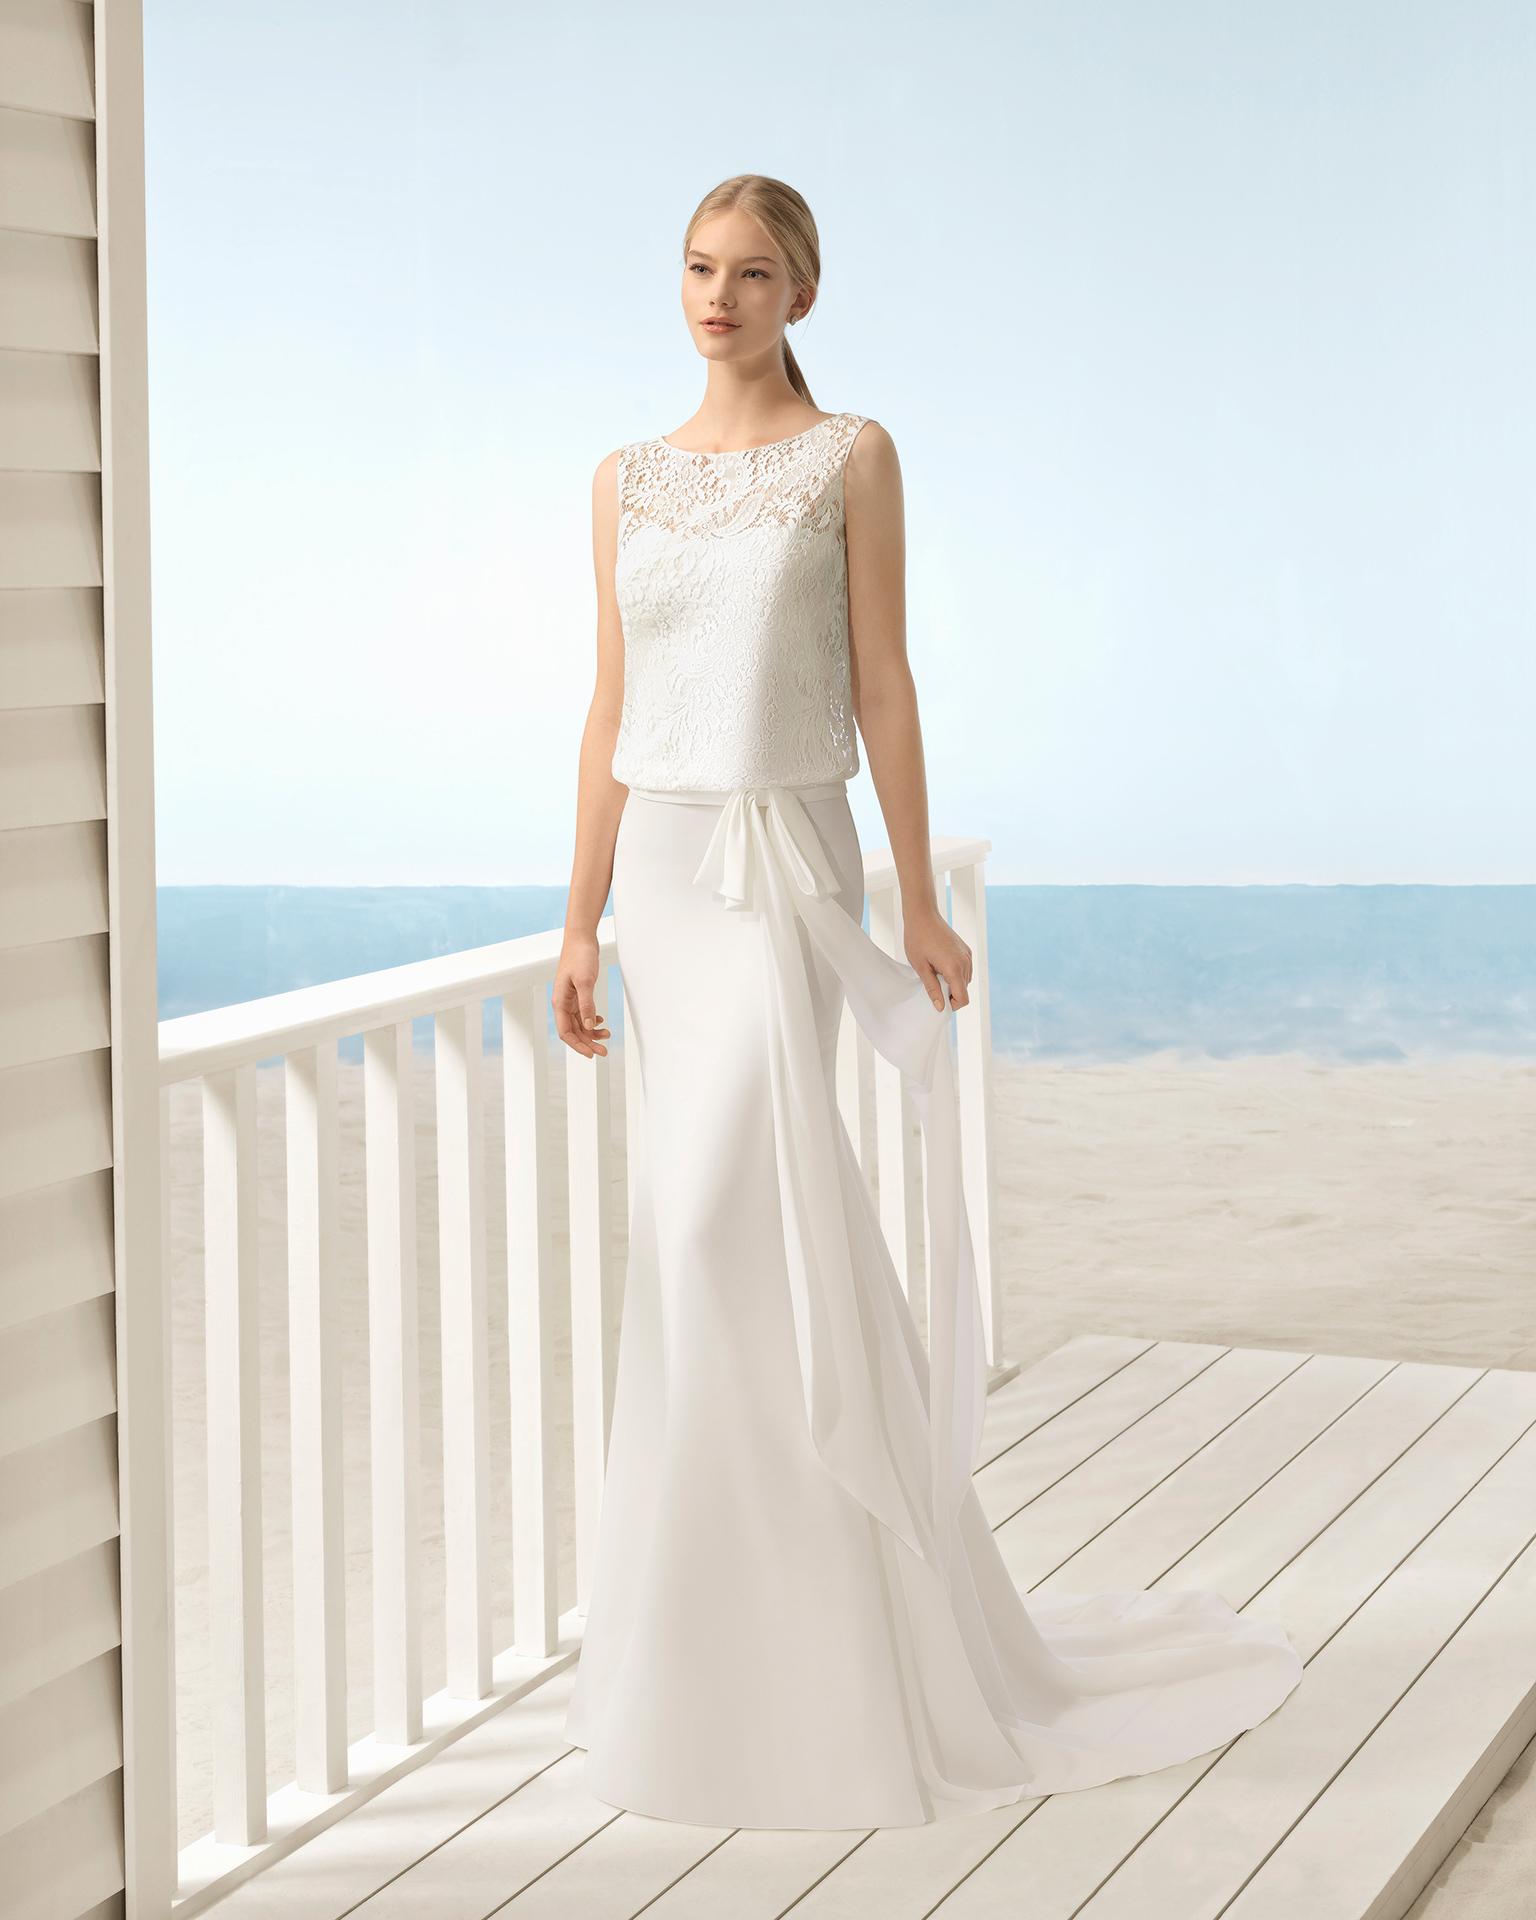 Robe de mariée style bohème en dentelle et gaze, avec col illusion sur un bustier et corsage blousant.